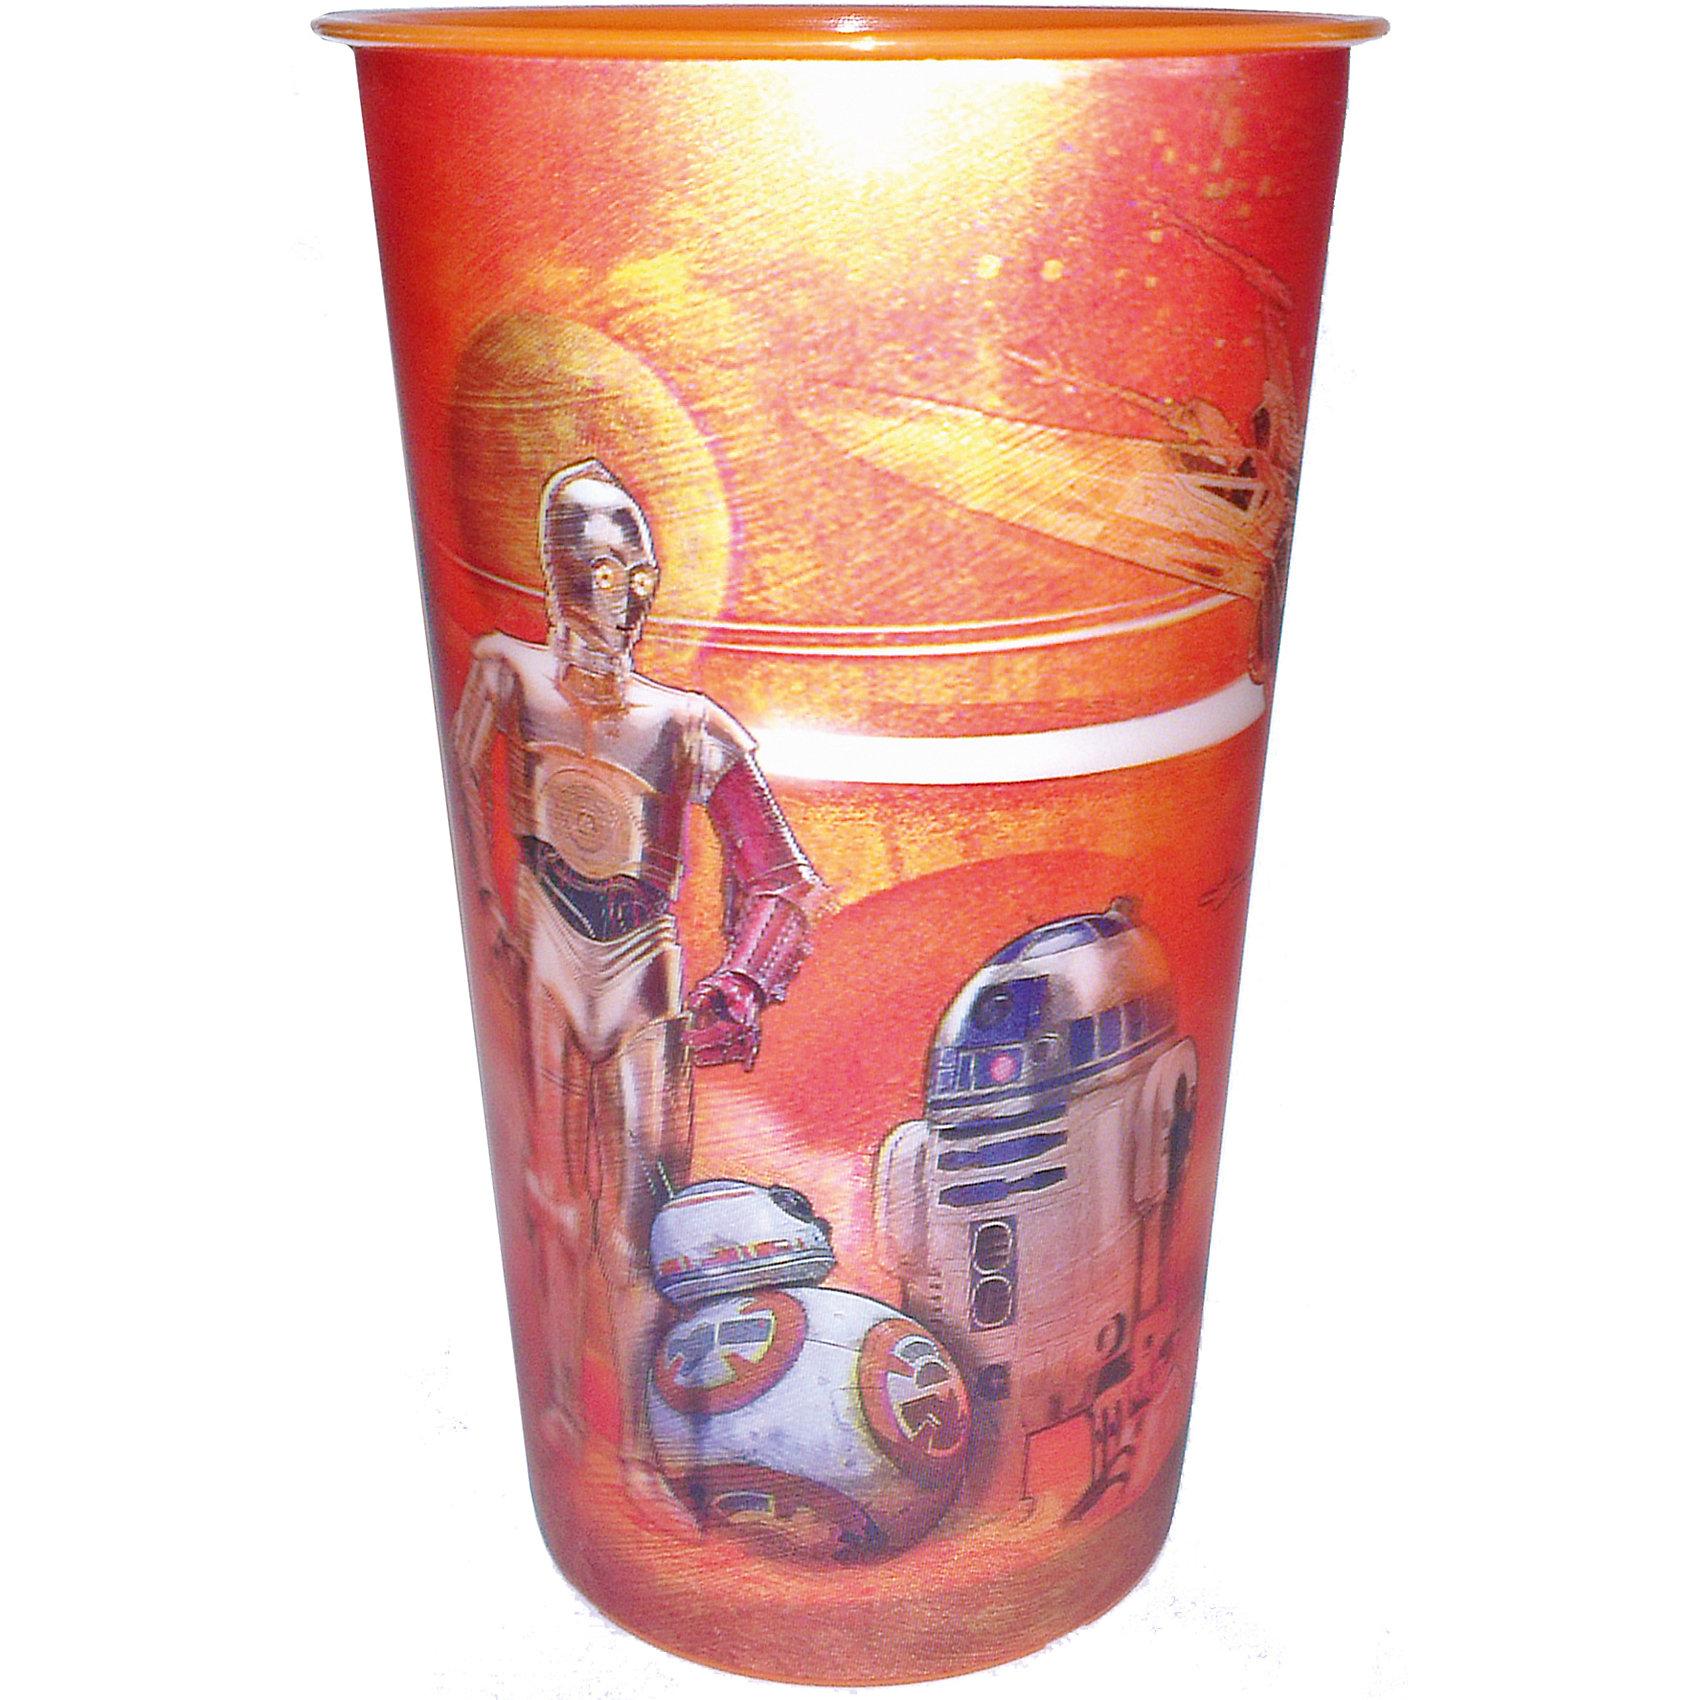 3D-стакан Роботы 600 мл, Звездные войныЗвездные войны<br>3D-стакан Роботы 600 мл, Звездные войны – это отличный подарок для фаната вселенной Star Wars.<br>Стакан Роботы, Звездные войны изготовлен из полипропилена и оформлен 3D-рисунком с изображением роботов-дроидов R2-D2, C-3PO и ВВ-8. Не подходит для использования в посудомоечной машине и СВЧ-печи.<br><br>Дополнительная информация:<br><br>- Объем: 600 мл.<br>- Высота: 14 см.<br>- Материал: полипропилен<br>- Размер упаковки: 9,5 х 9,5 х 21,5 см.<br>- Вес: 60 гр.<br><br>3D-стакан Роботы 600 мл, Звездные войны можно купить в нашем интернет-магазине.<br><br>Ширина мм: 95<br>Глубина мм: 95<br>Высота мм: 215<br>Вес г: 60<br>Возраст от месяцев: 36<br>Возраст до месяцев: 144<br>Пол: Унисекс<br>Возраст: Детский<br>SKU: 4536247